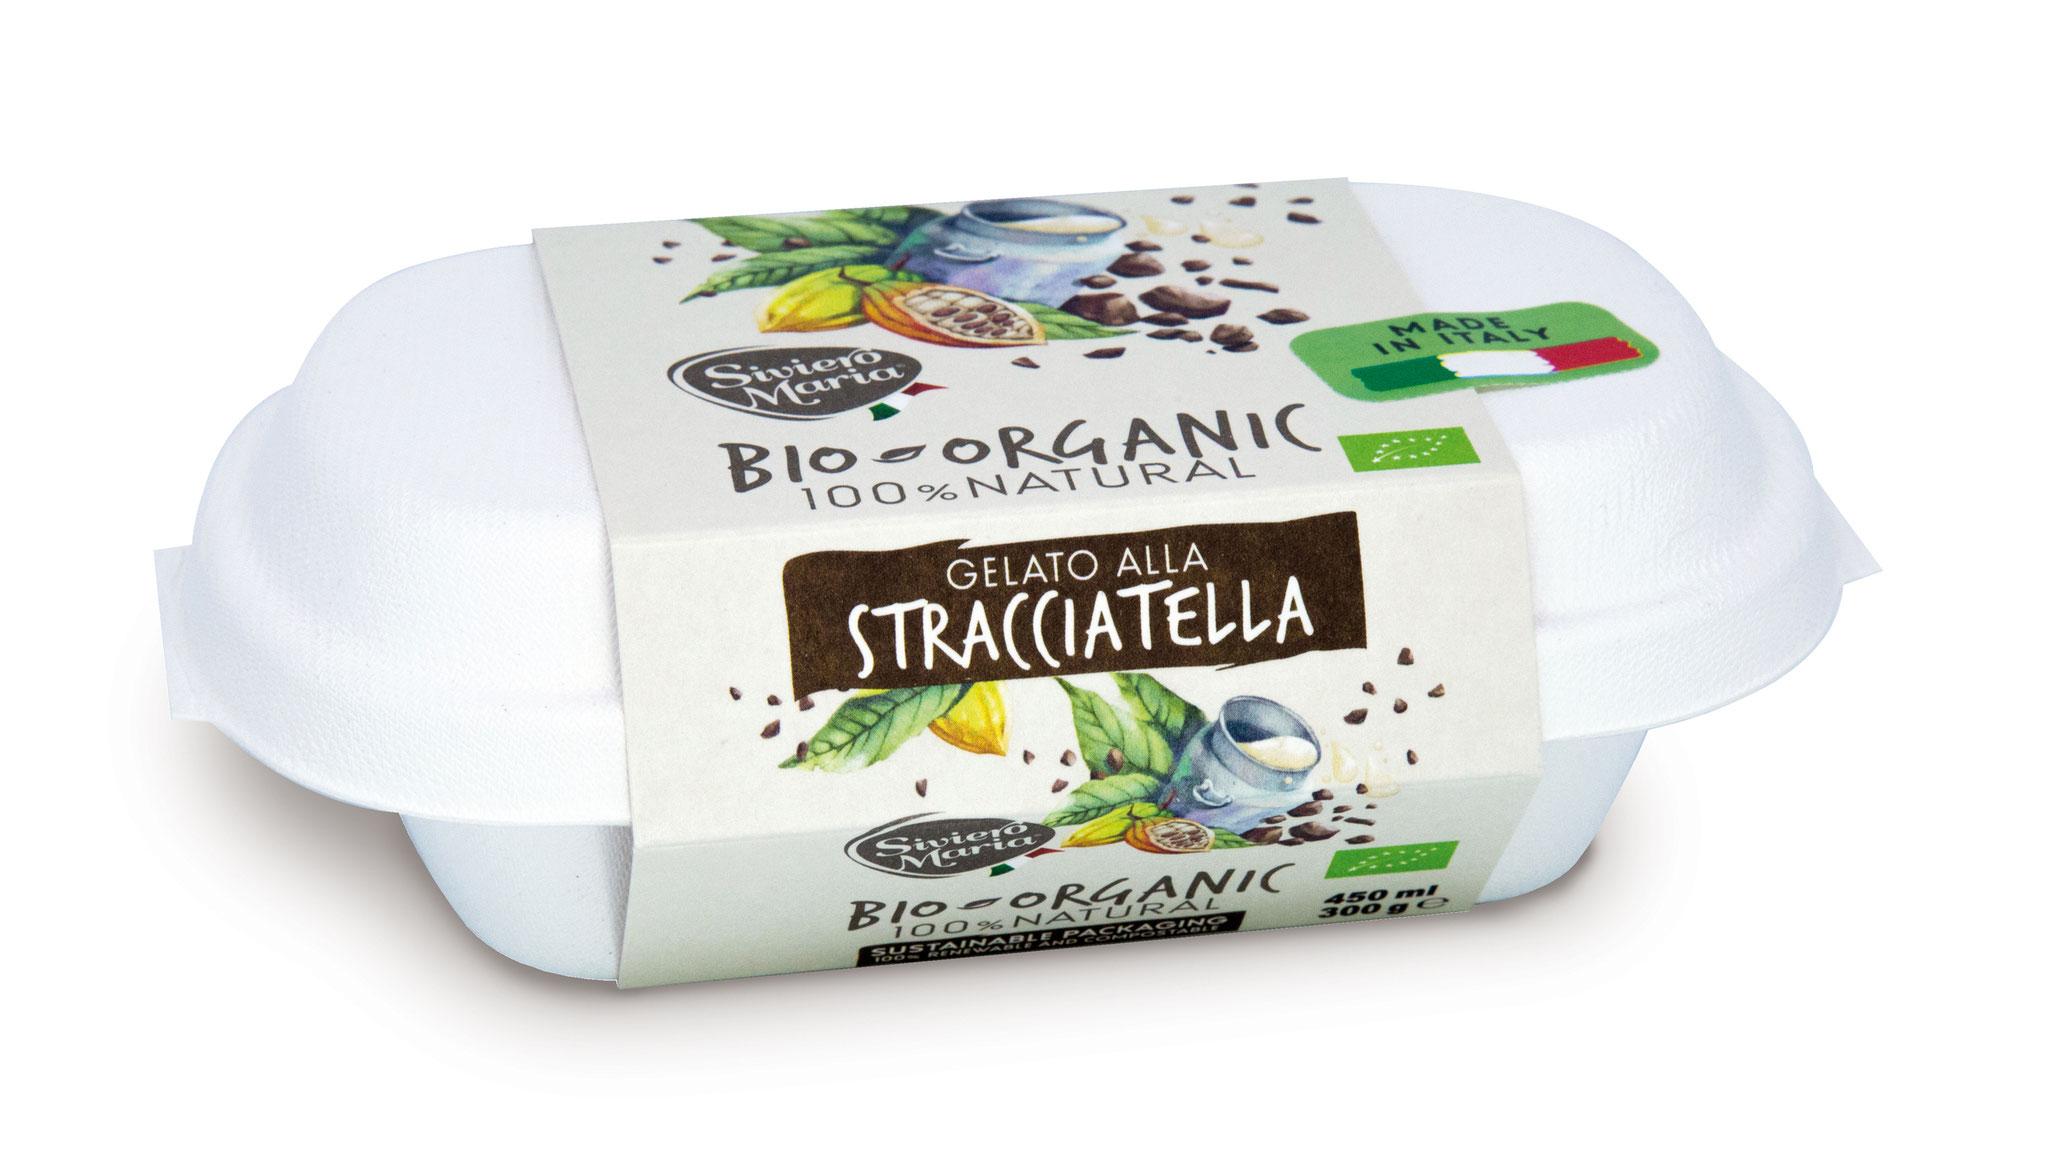 G7 - Gelati - meilleure qualité également dans des emballages compostables